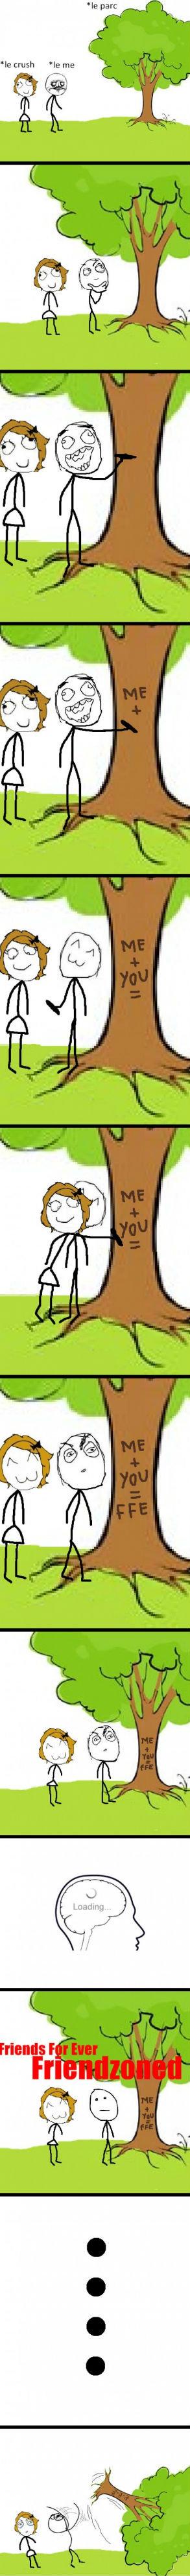 Treezoned. .